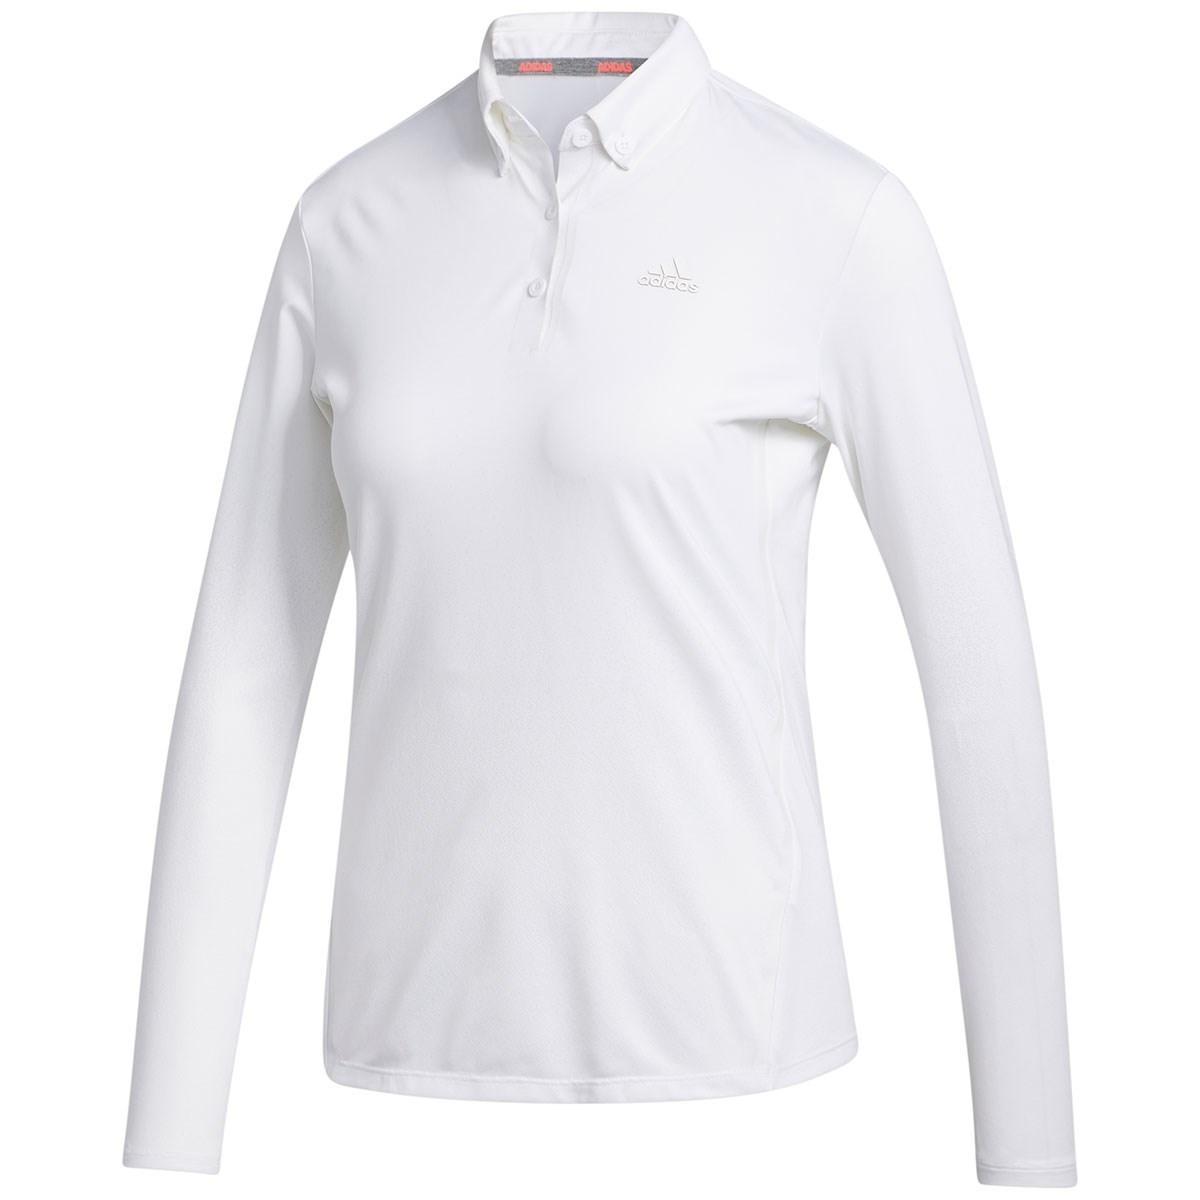 アディダス Adidas グラデーション ストレッチ長袖ボタンダウンポロシャツ J/S ホワイト レディス